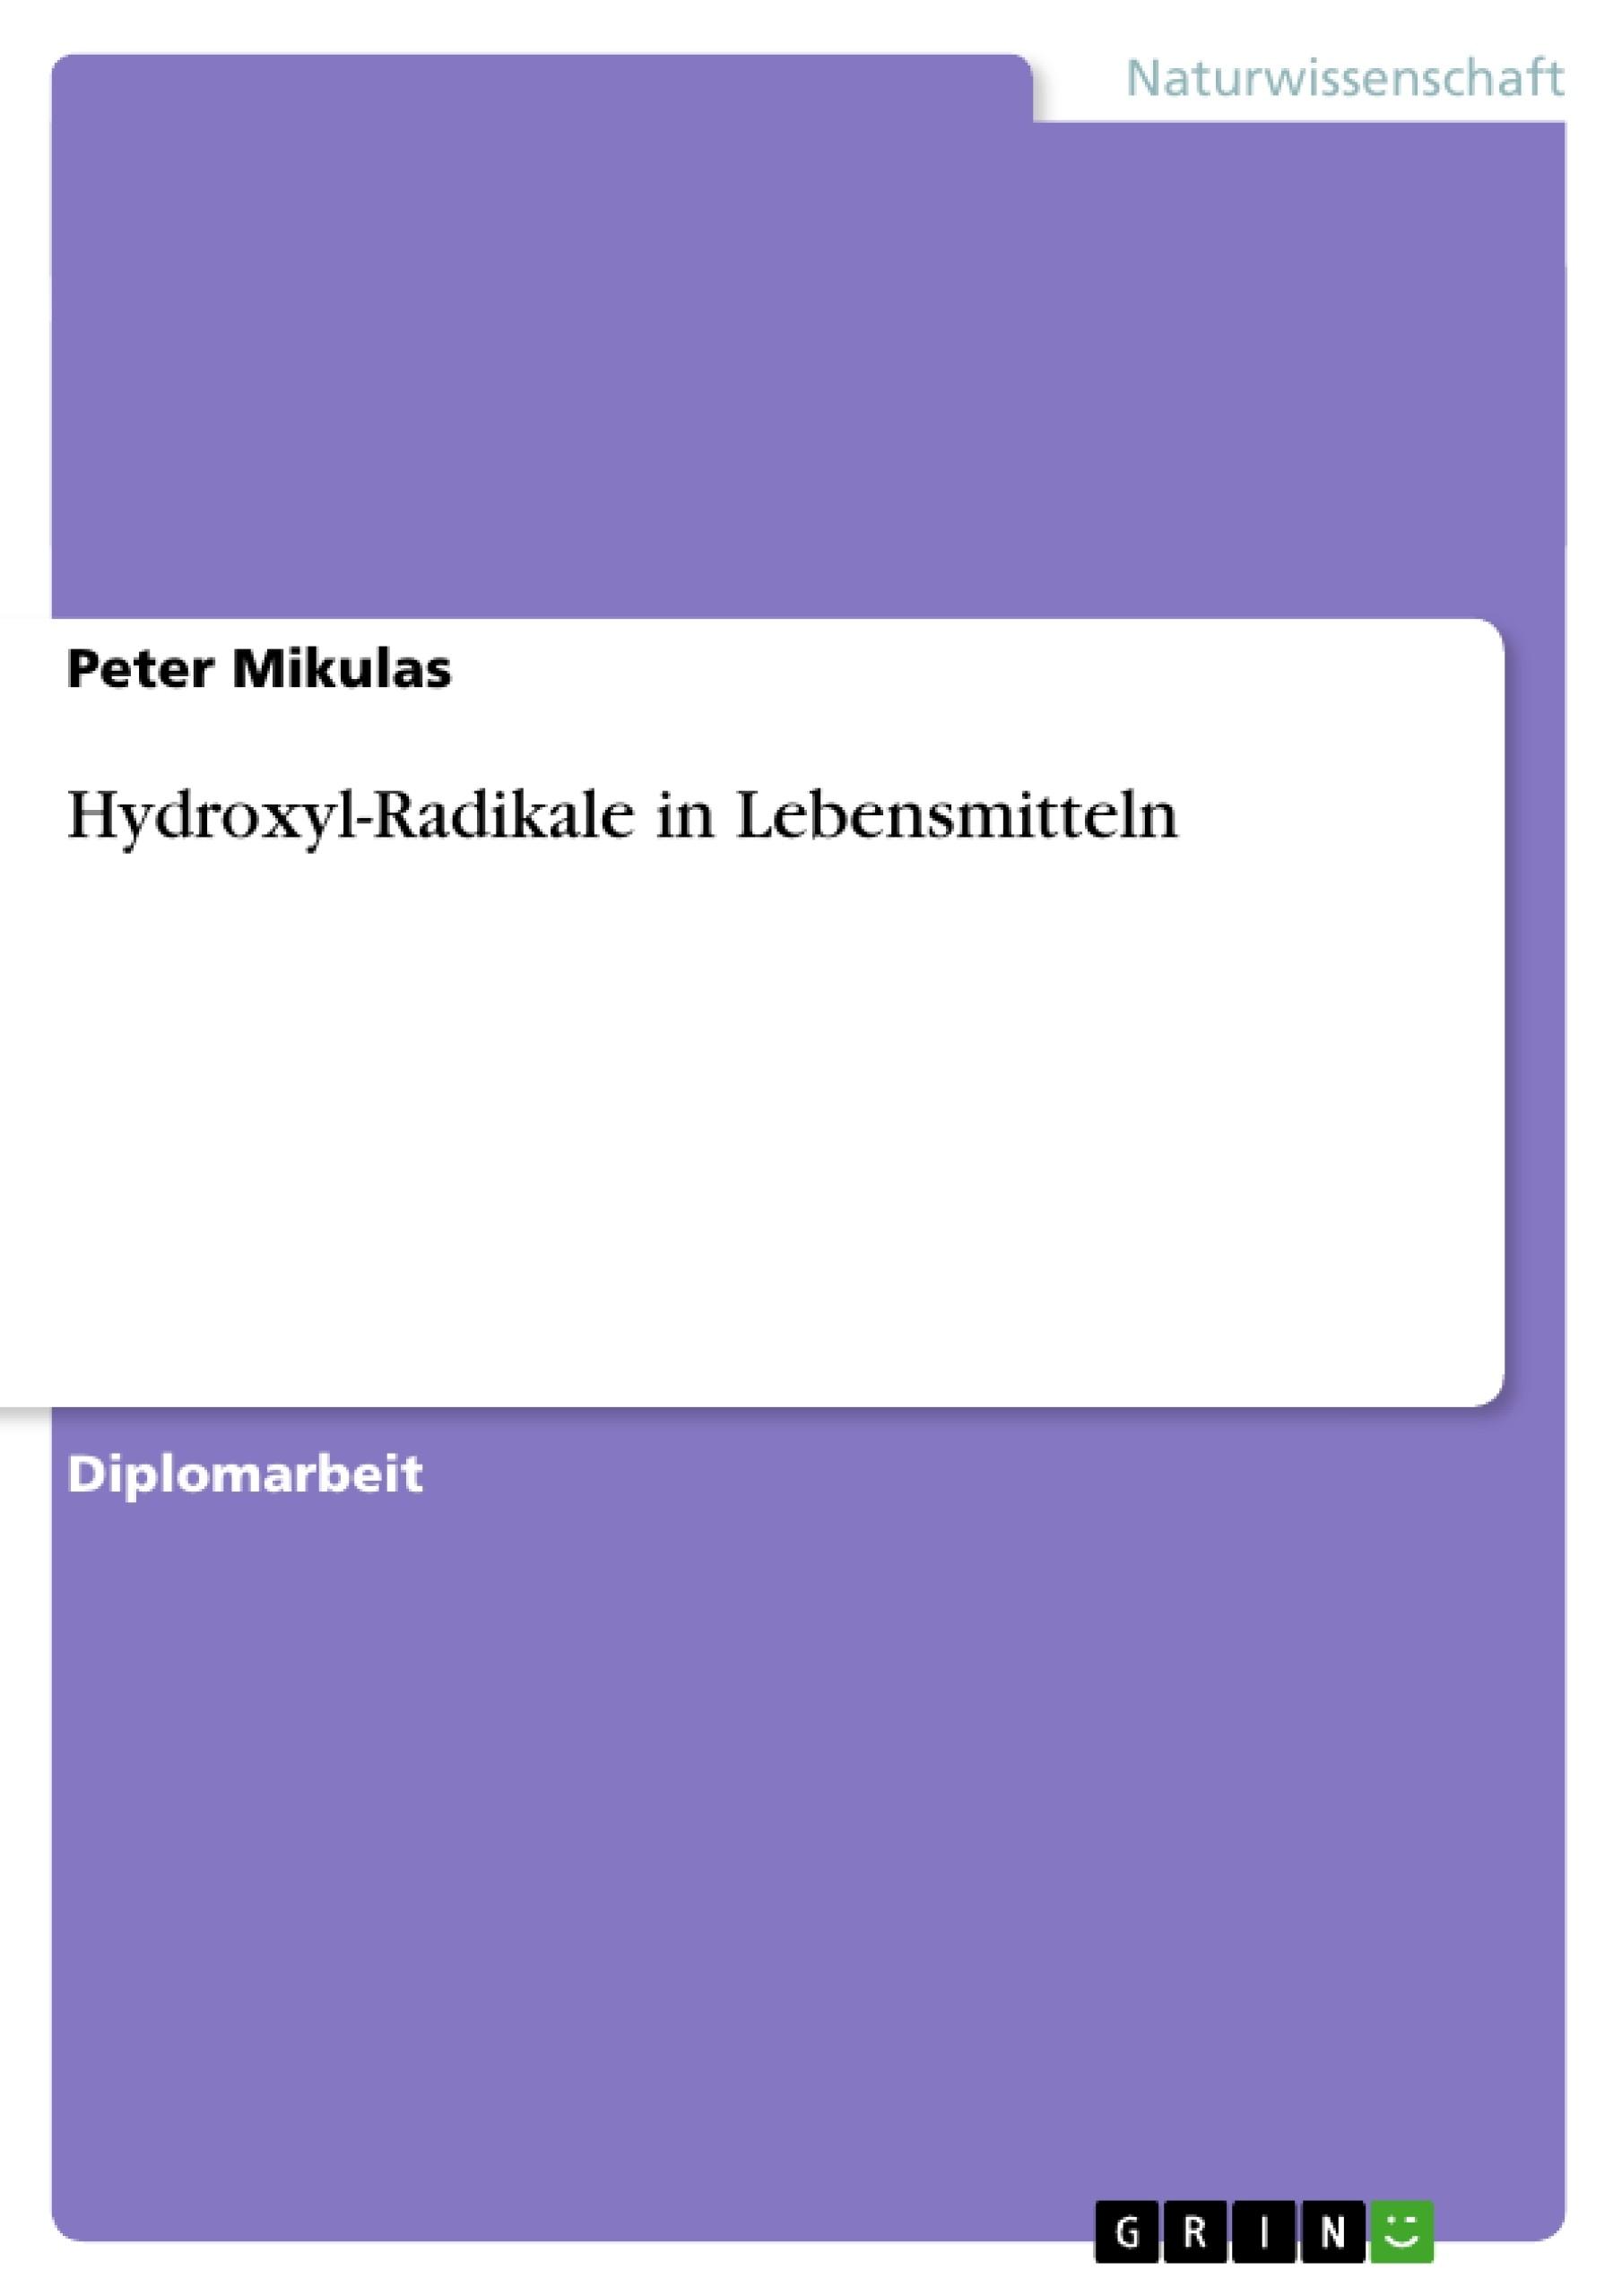 Titel: Hydroxyl-Radikale in Lebensmitteln